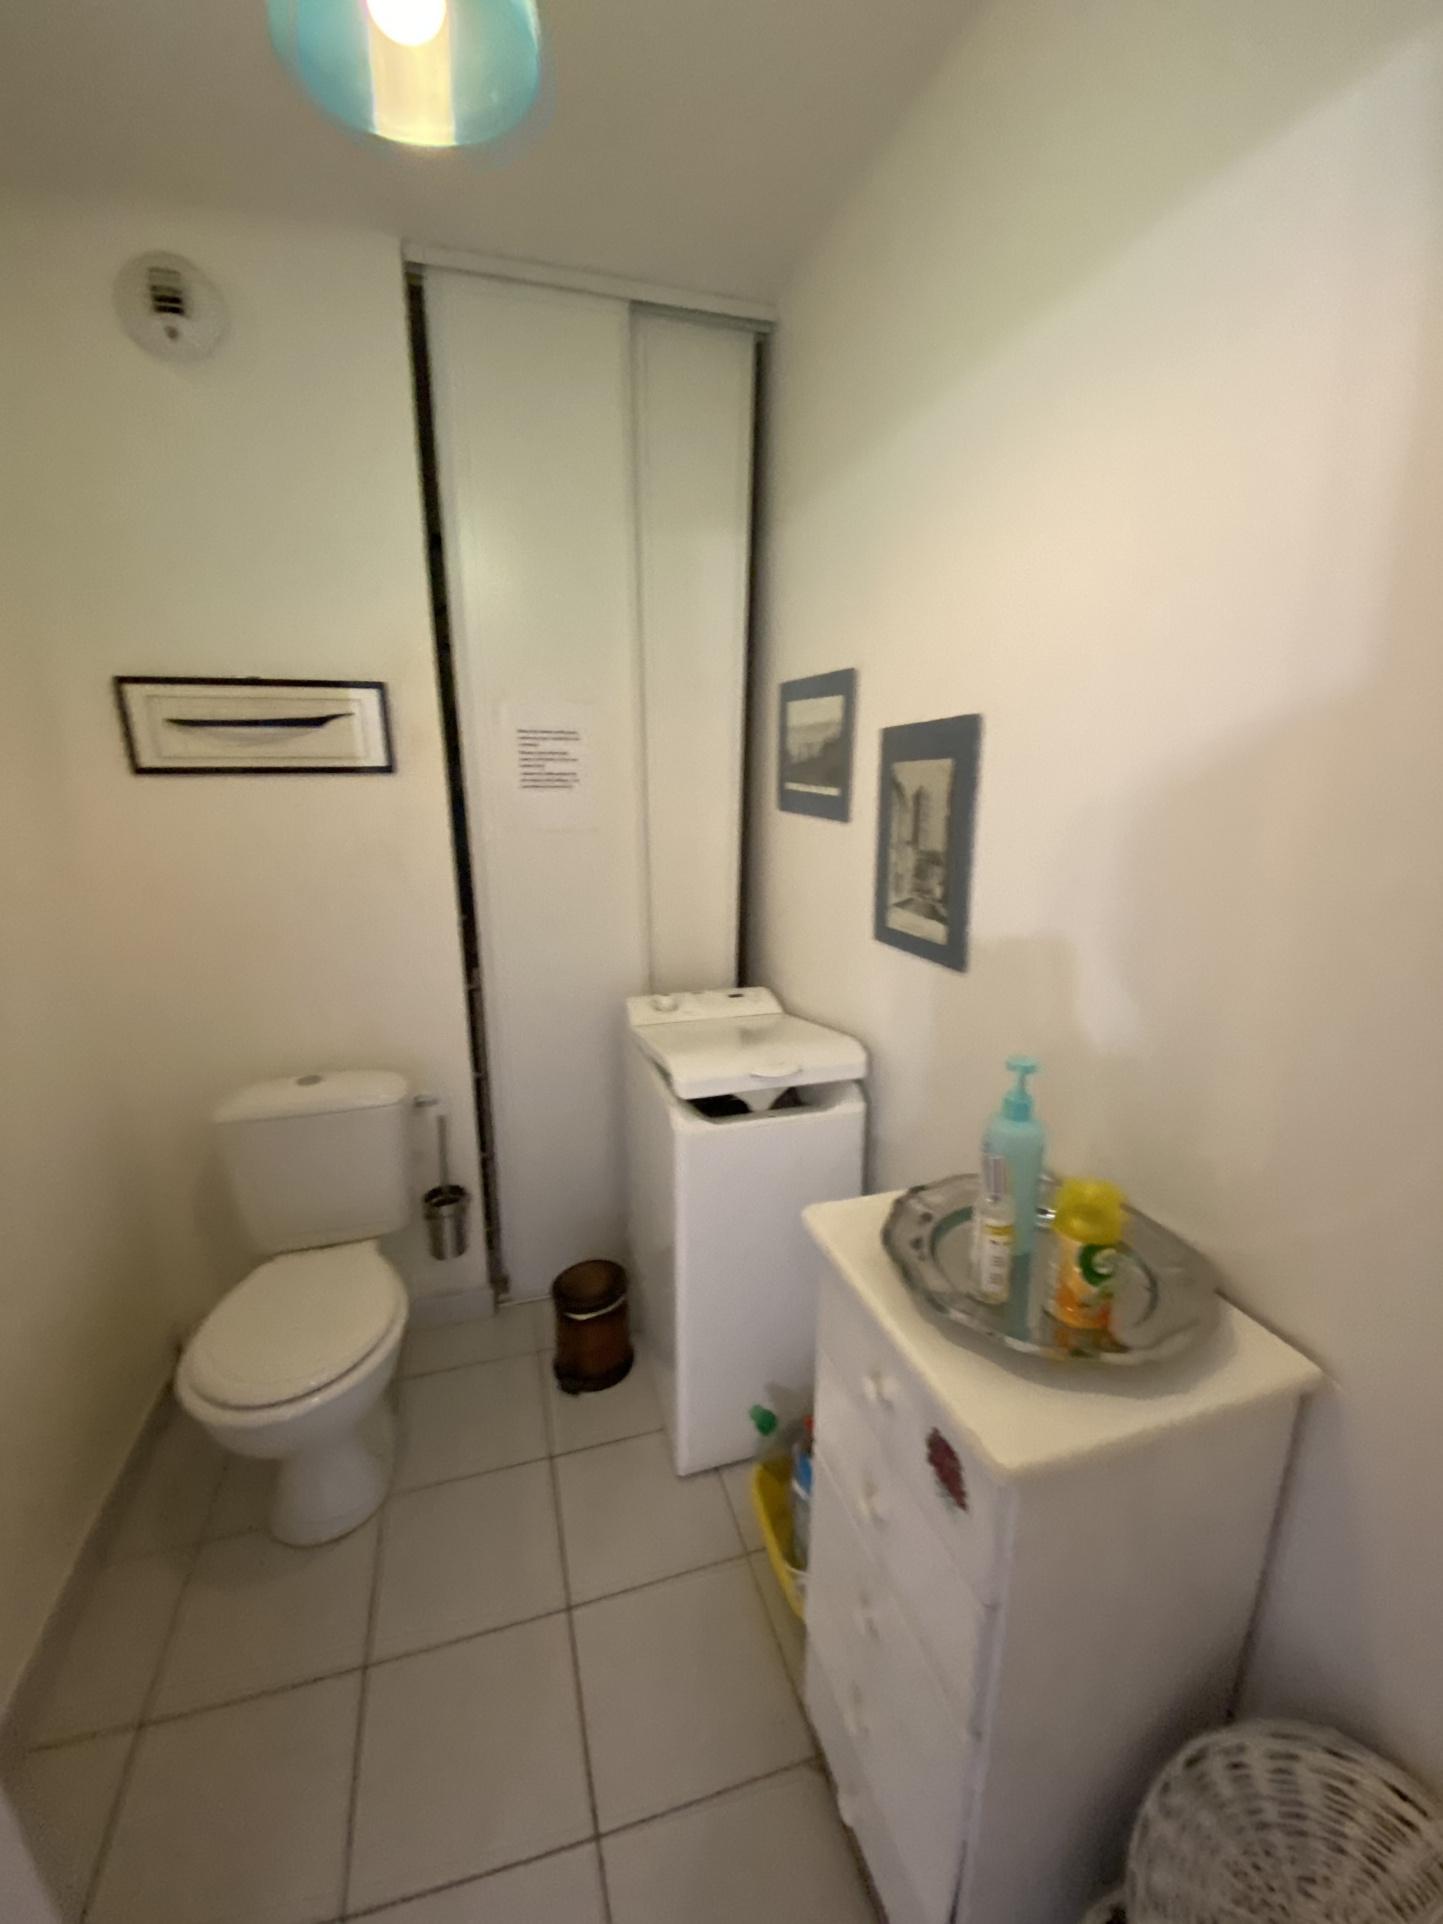 À vendre appartement de 80m2 à argeles sur mer (66700) - Photo 8'